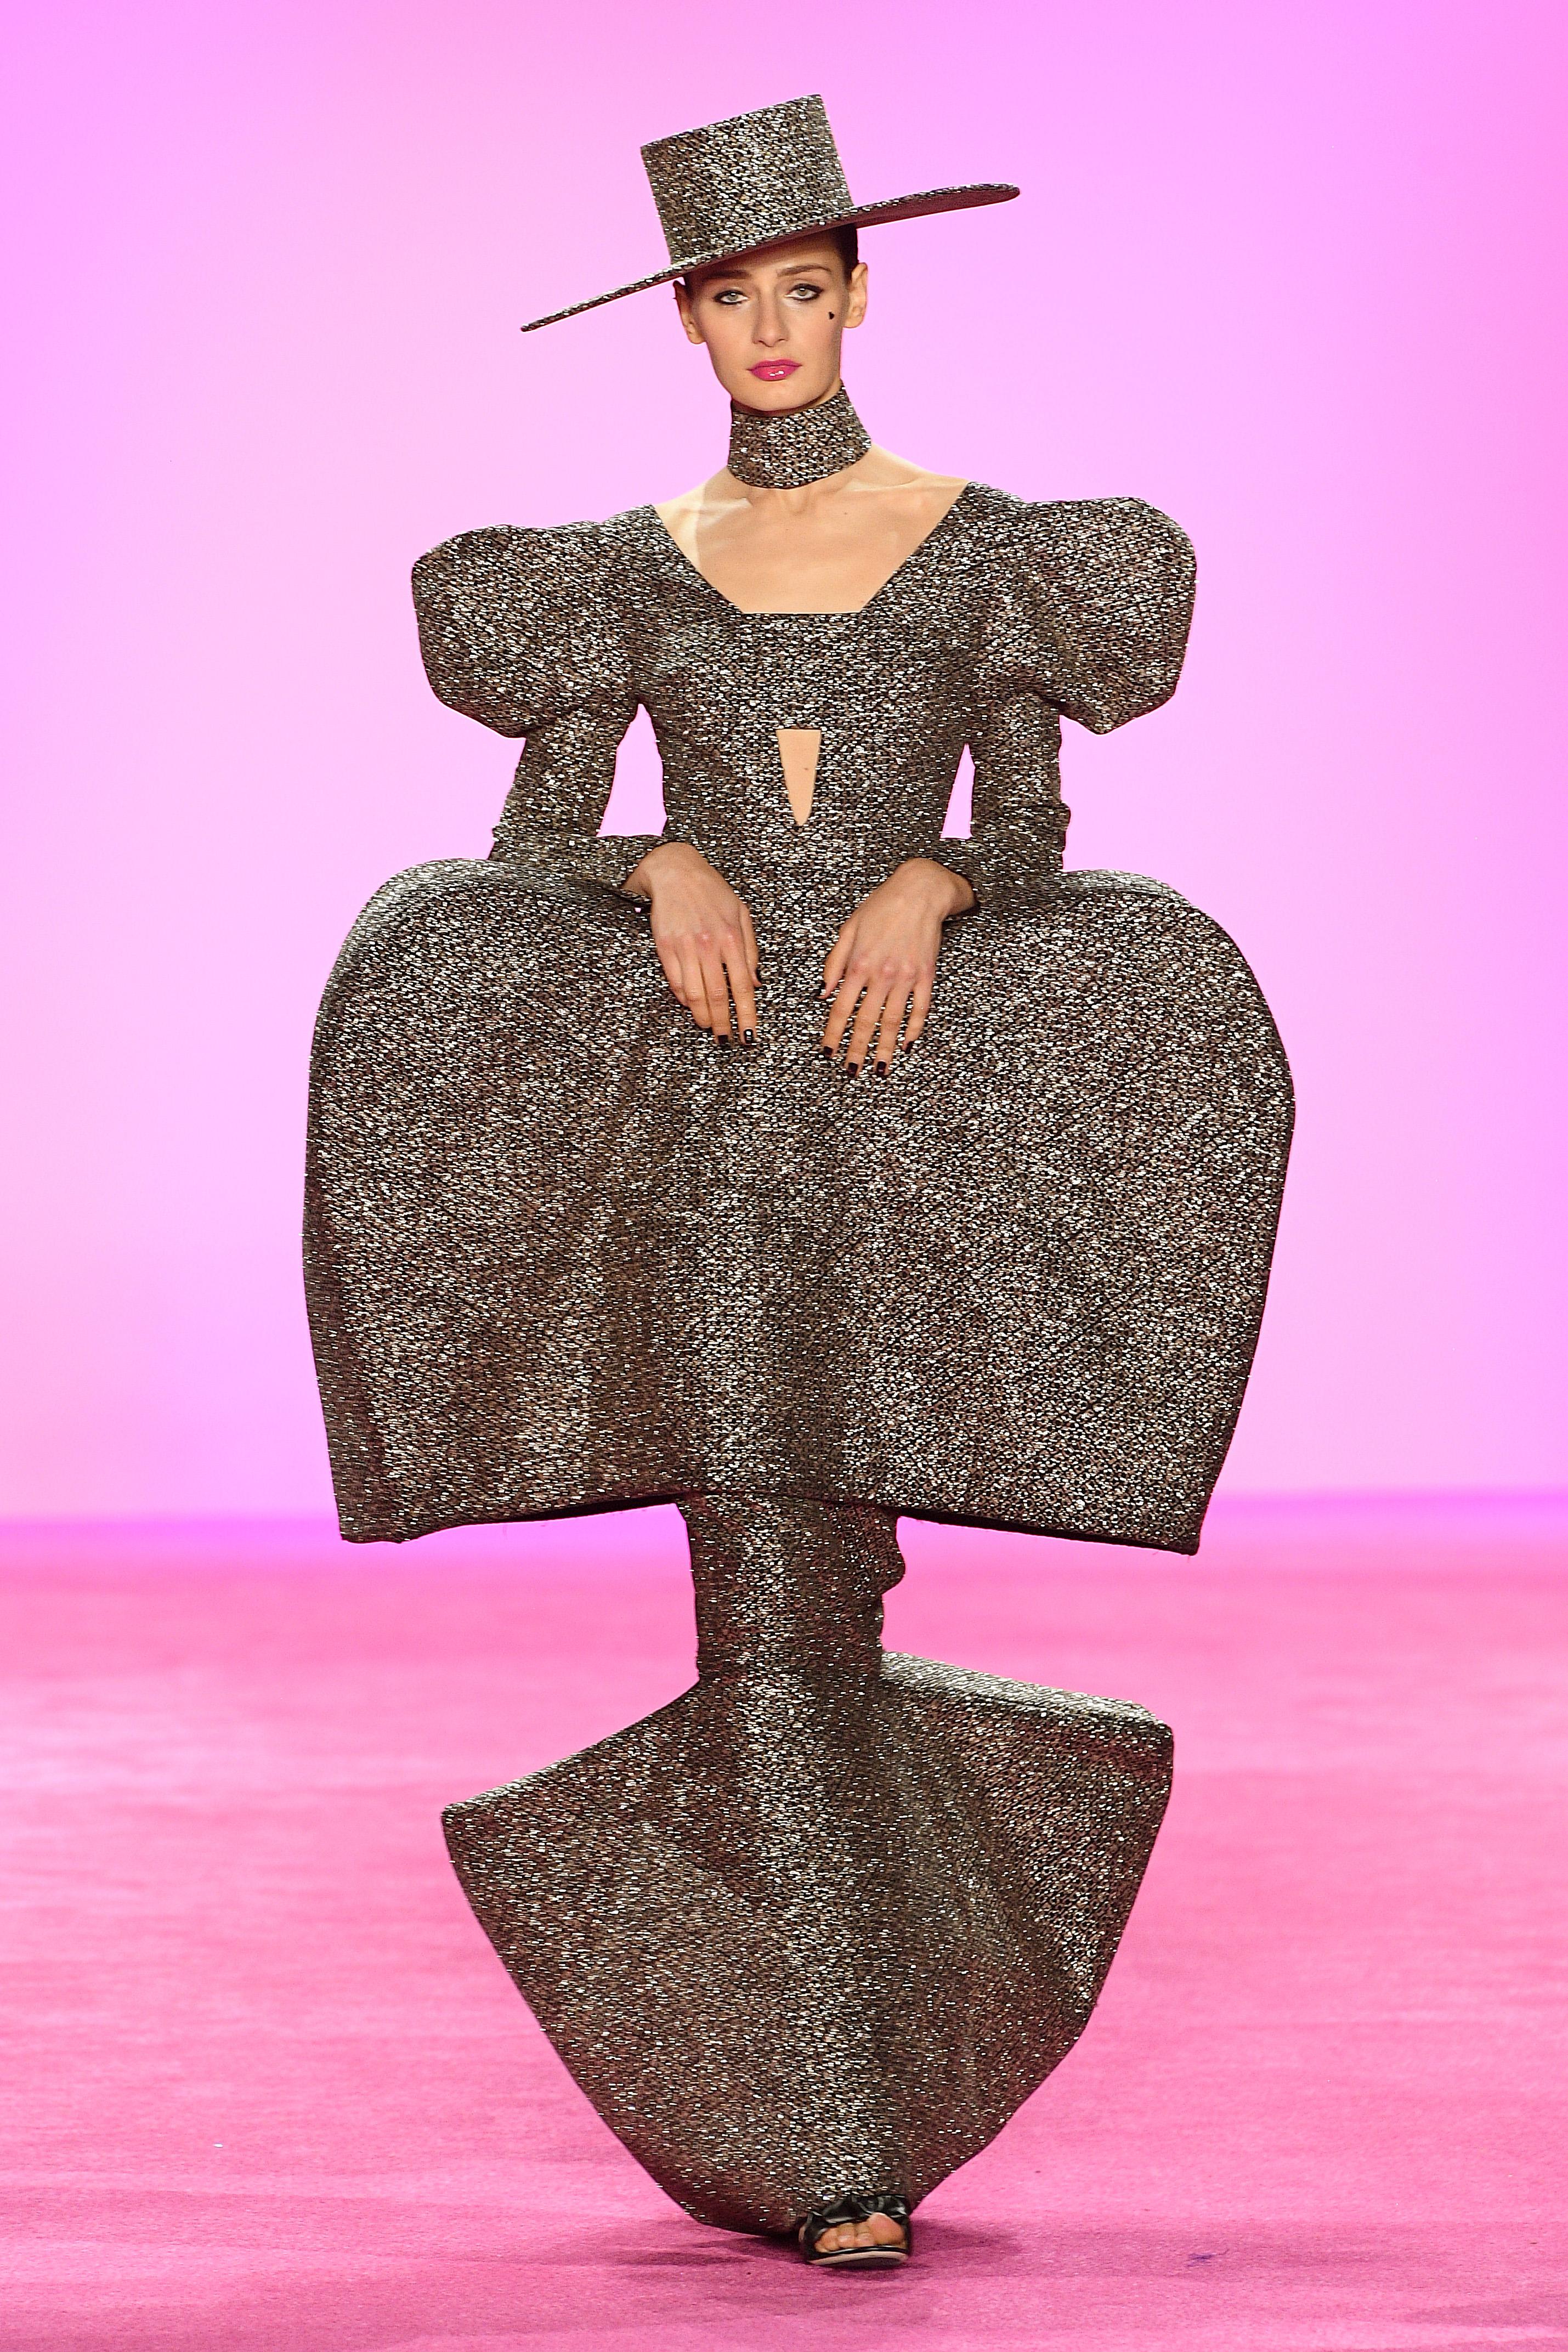 El famoso diseñador Christian Siriano, a sus 34 años, deslumbró con sus asombrosos diseños metalizados en el marco de la primera semana de la moda en la ciudad de Nueva York. En pasarela, un diseño voluptuoso en color ocre